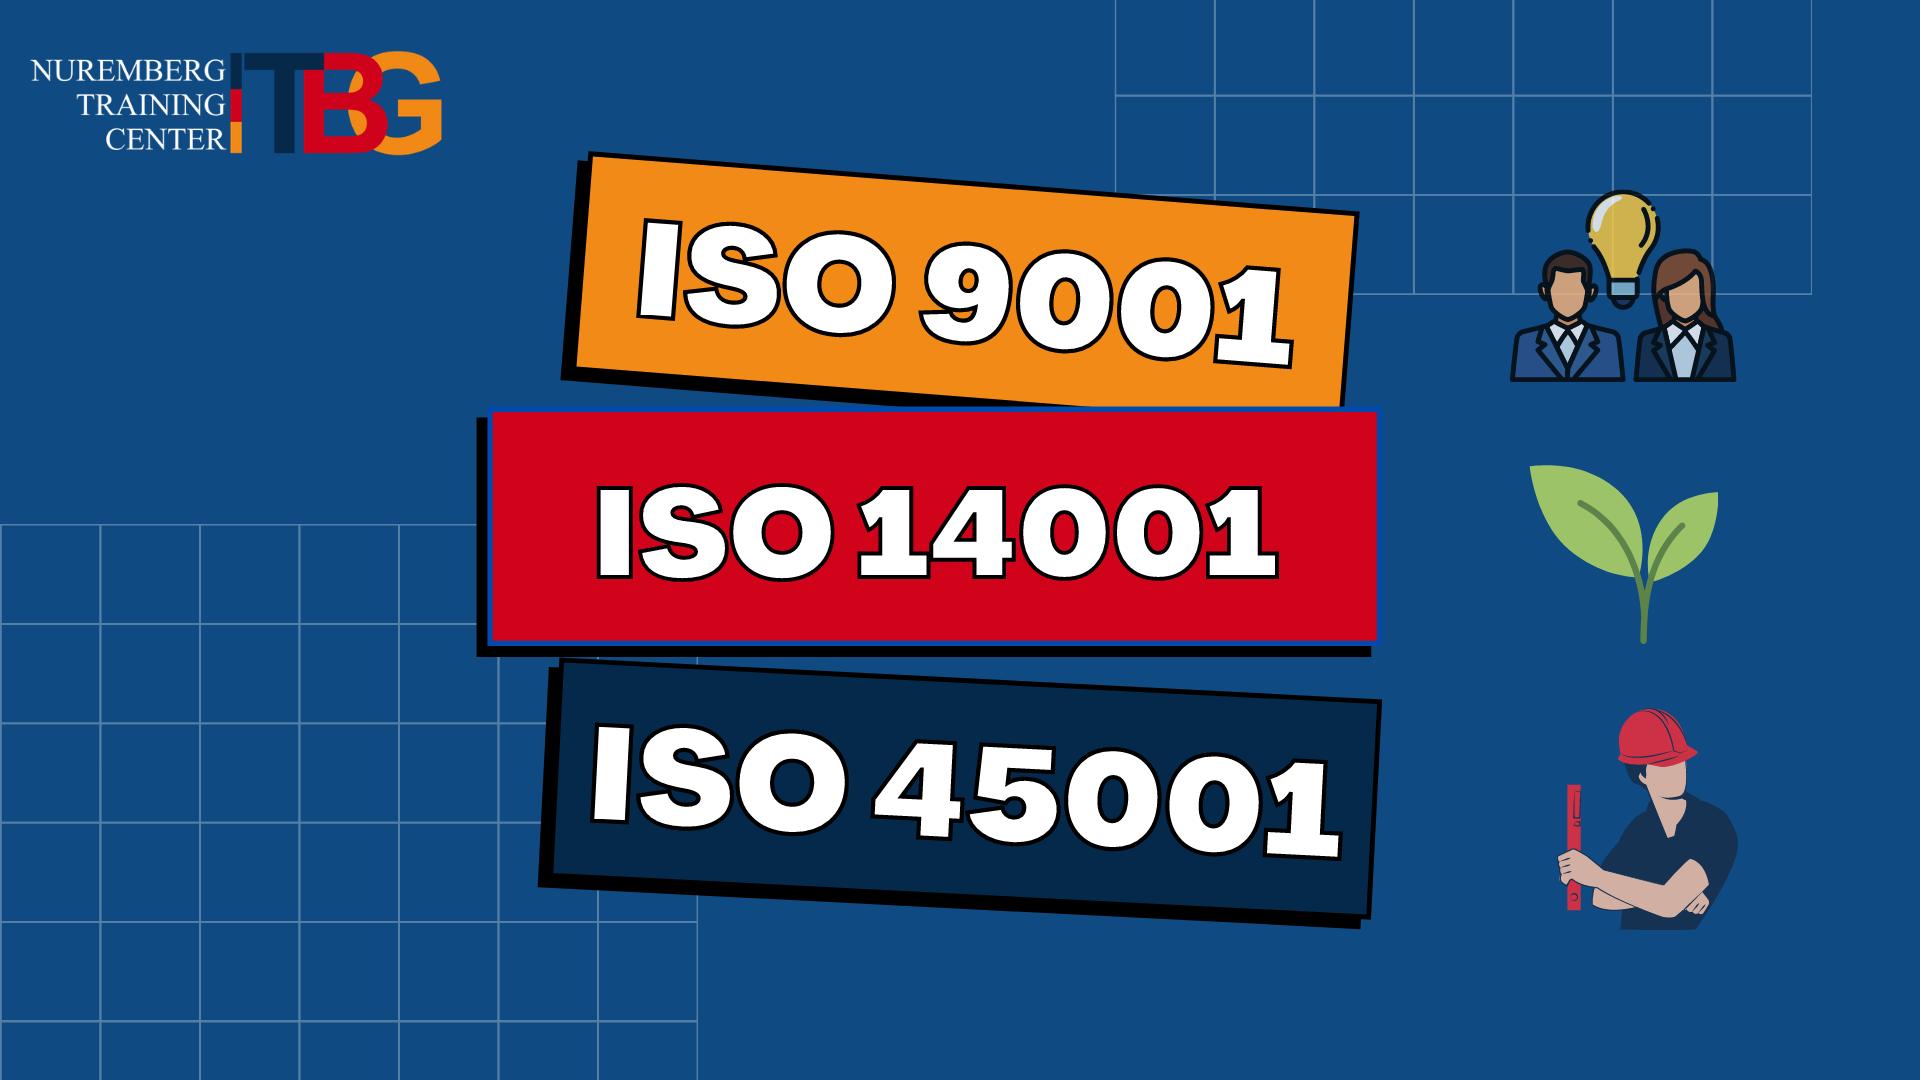 """ИНТЕНСИВНЫЙ КУРС ПО 3 СТАНДАРТАМ """"ISO 90001, ISO14001, ISO 45001"""""""